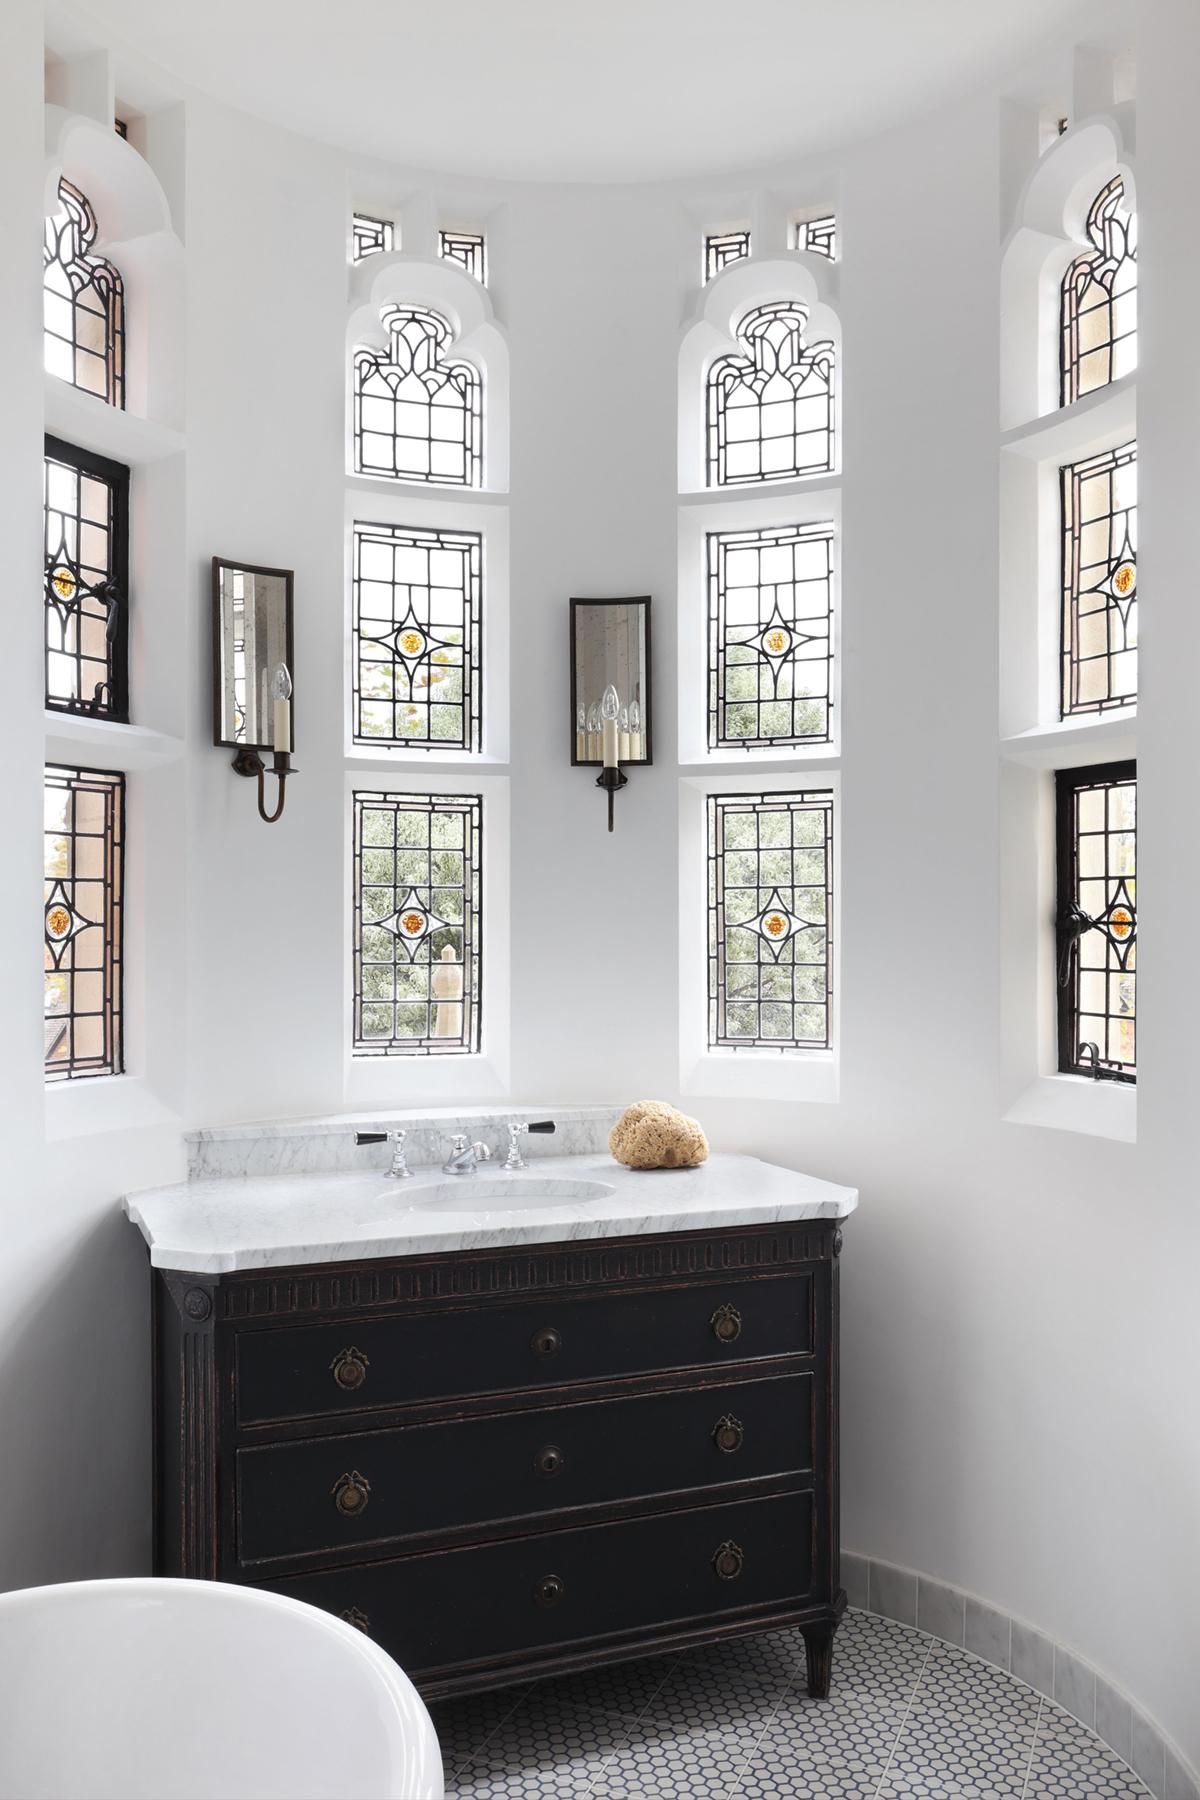 salle de bains de maison de ville avec de magnifiques vitraux par HAM intérieurs